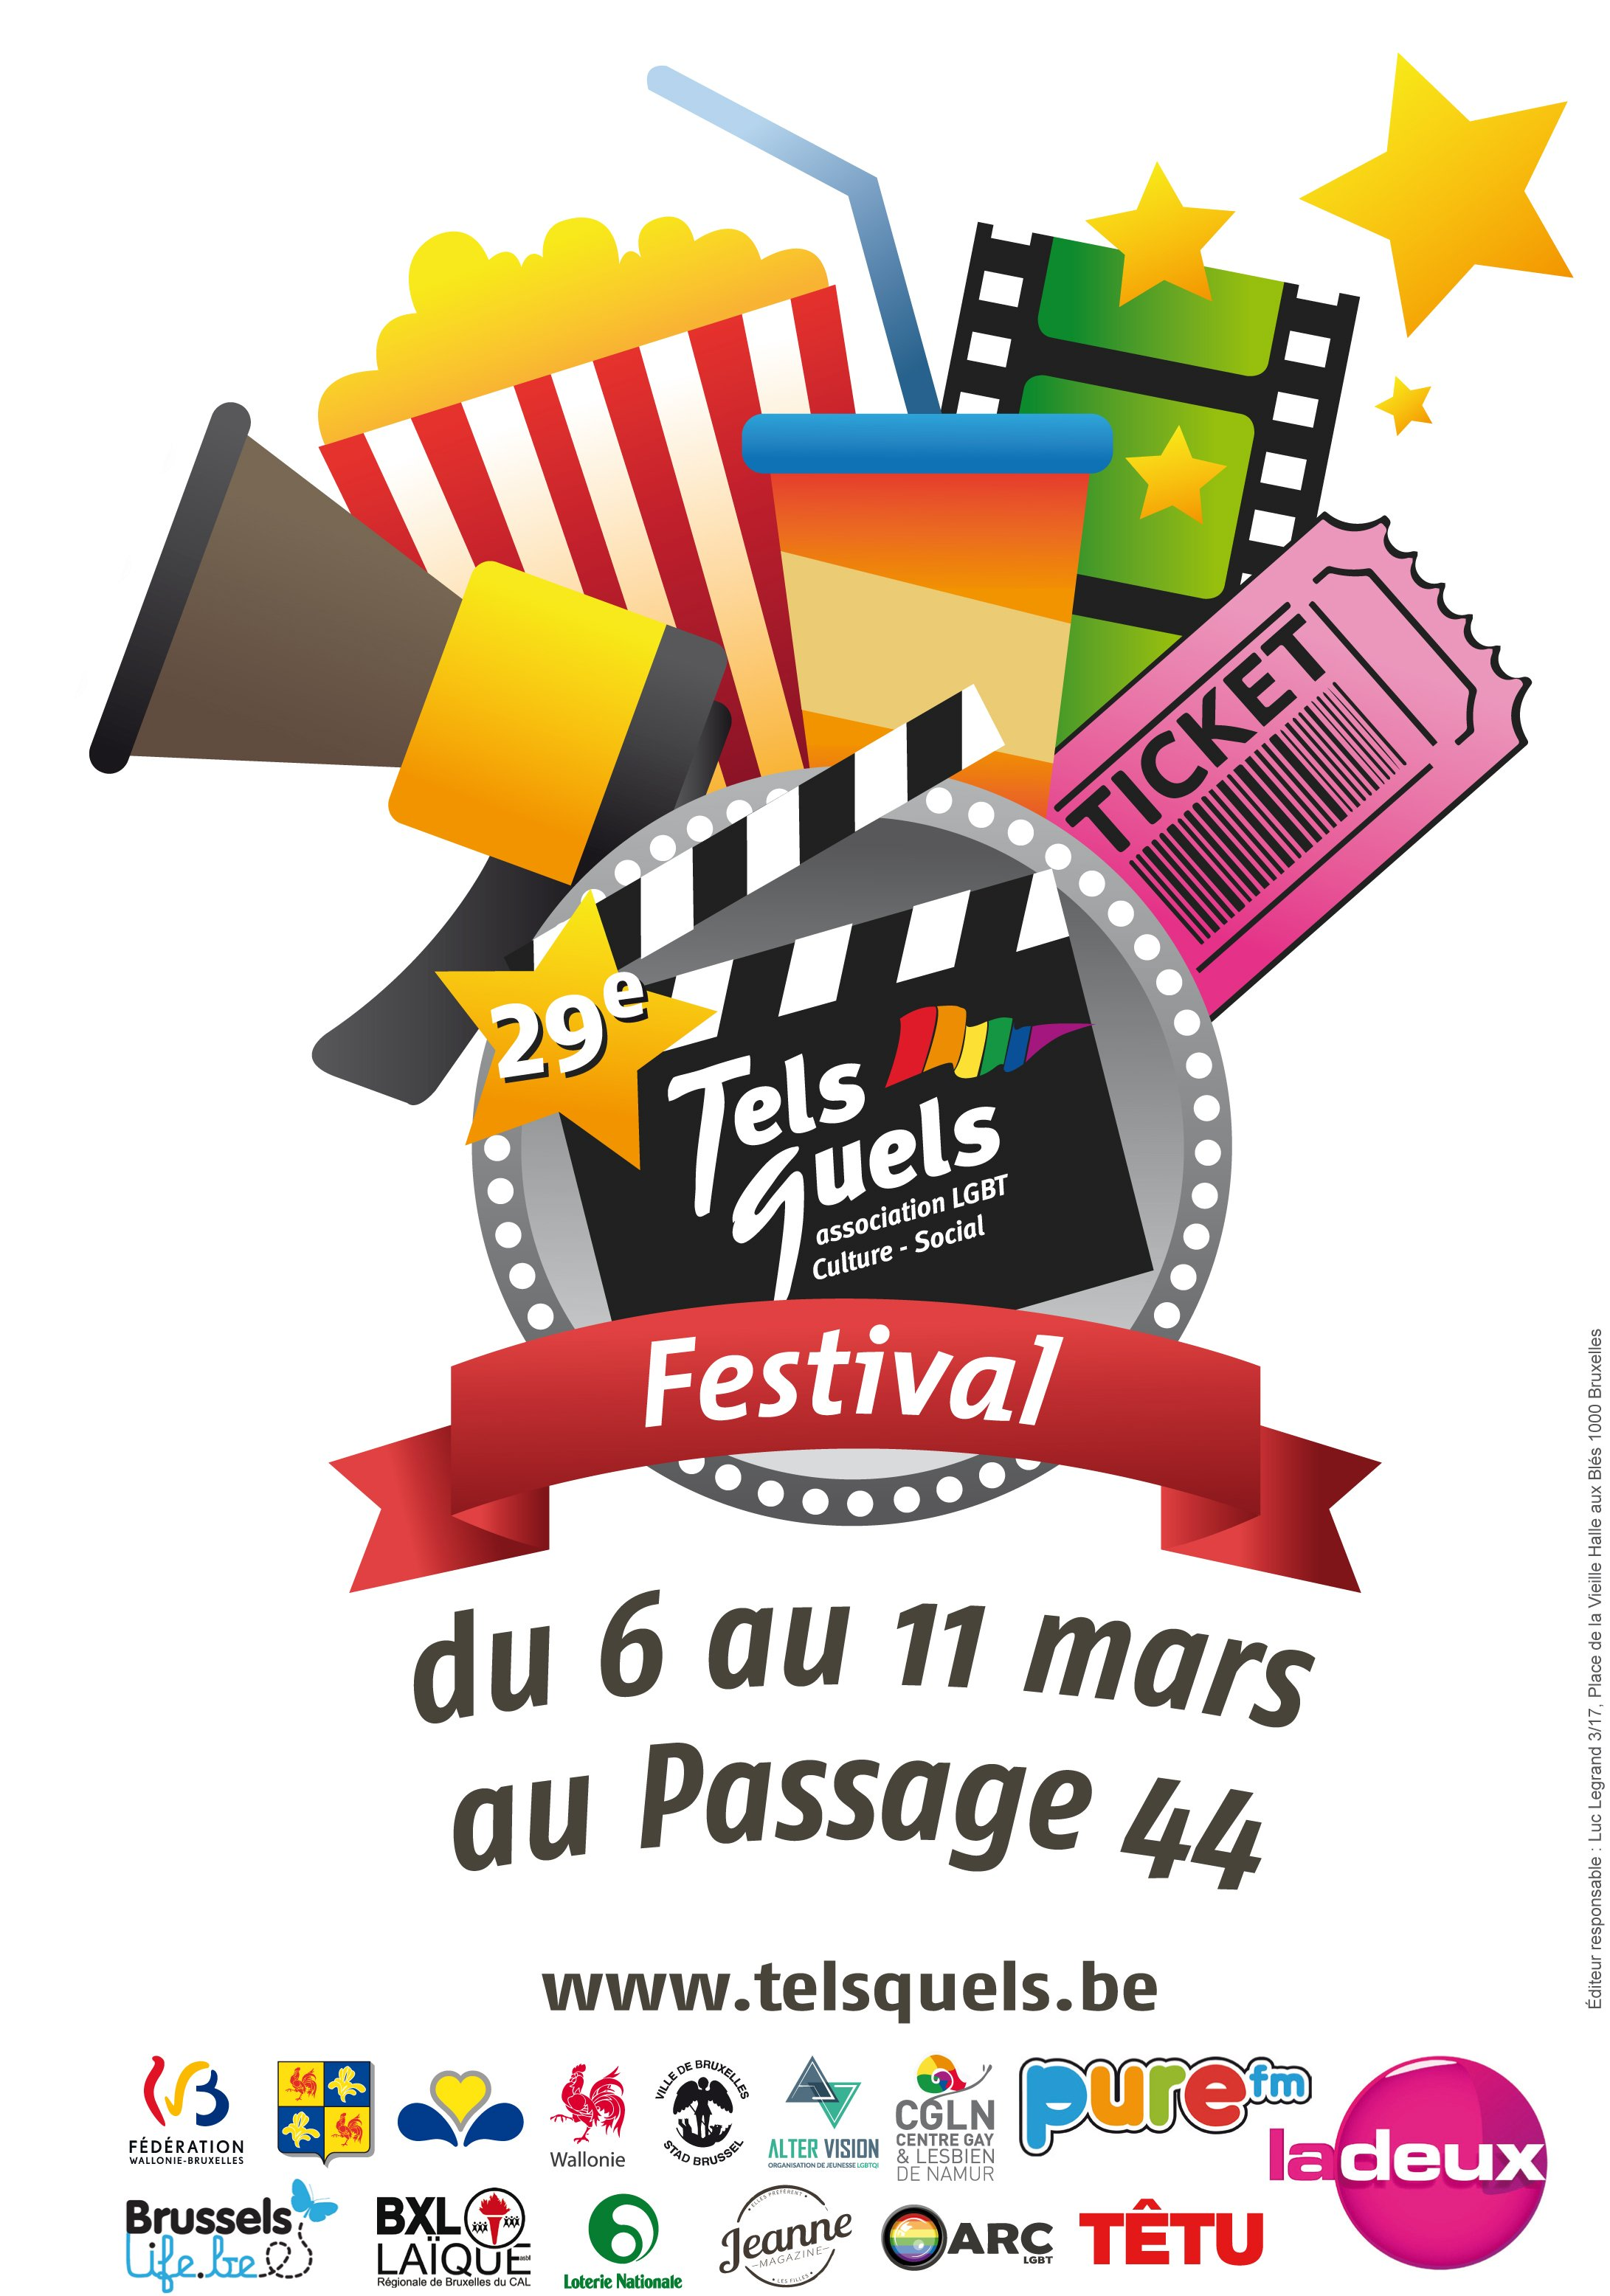 Festival Tels Quels à Bruxelles